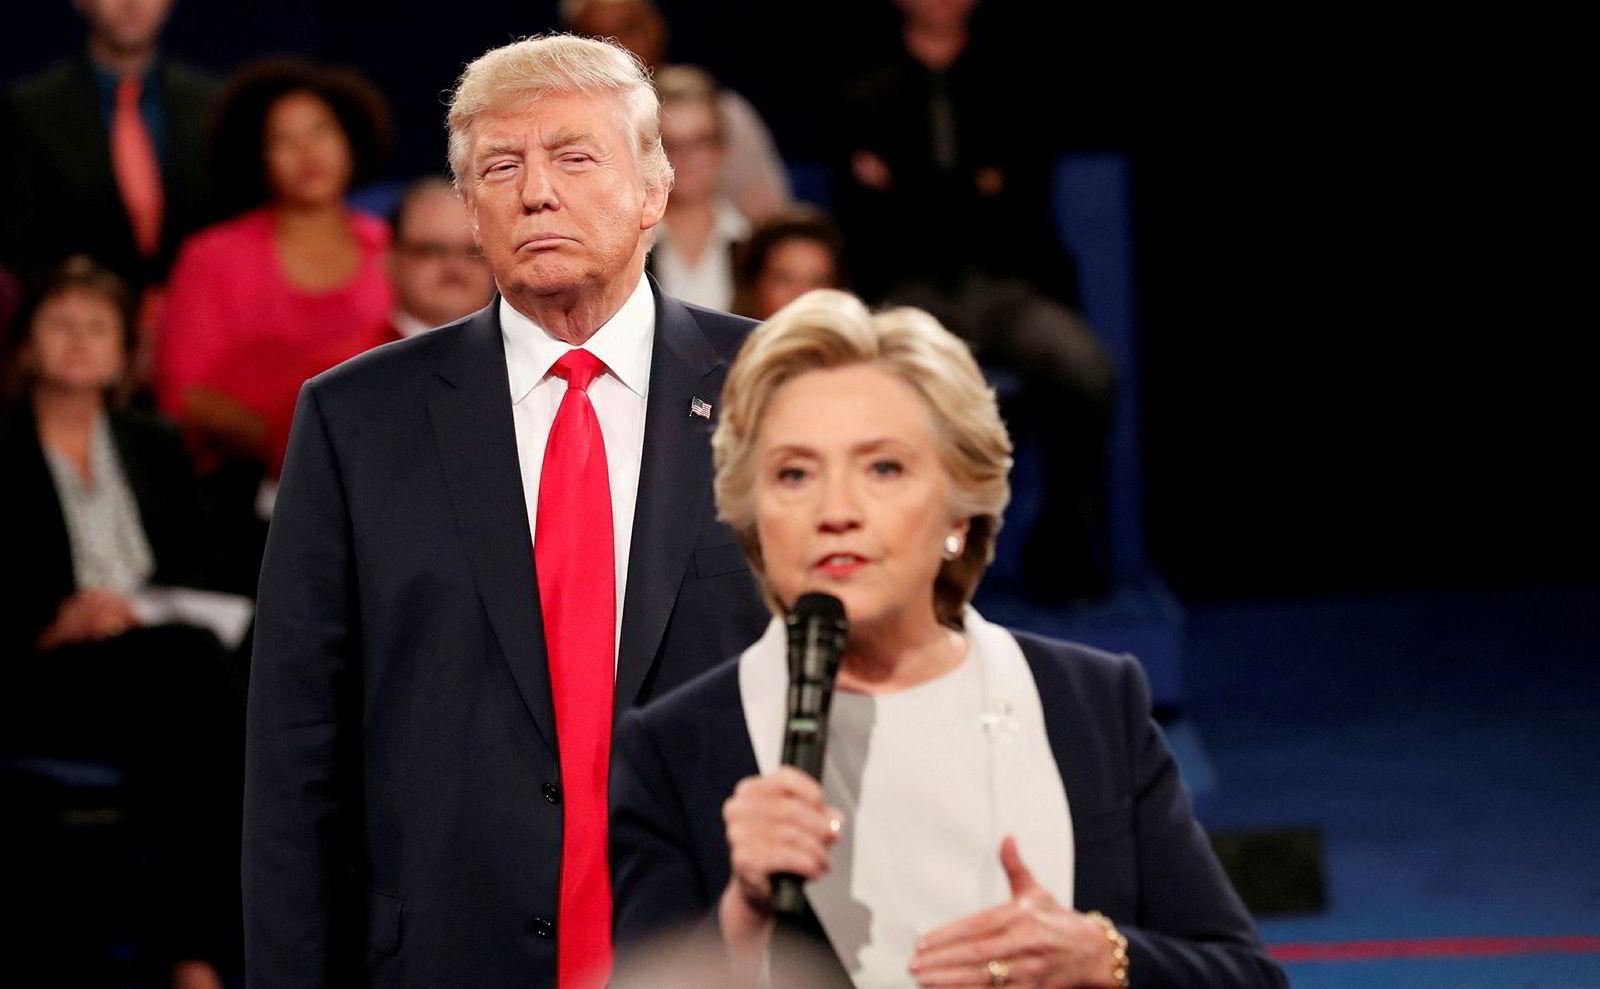 Donald Trump startet med påstandene mot Hillary Clinton under valgkampen her i 2016.